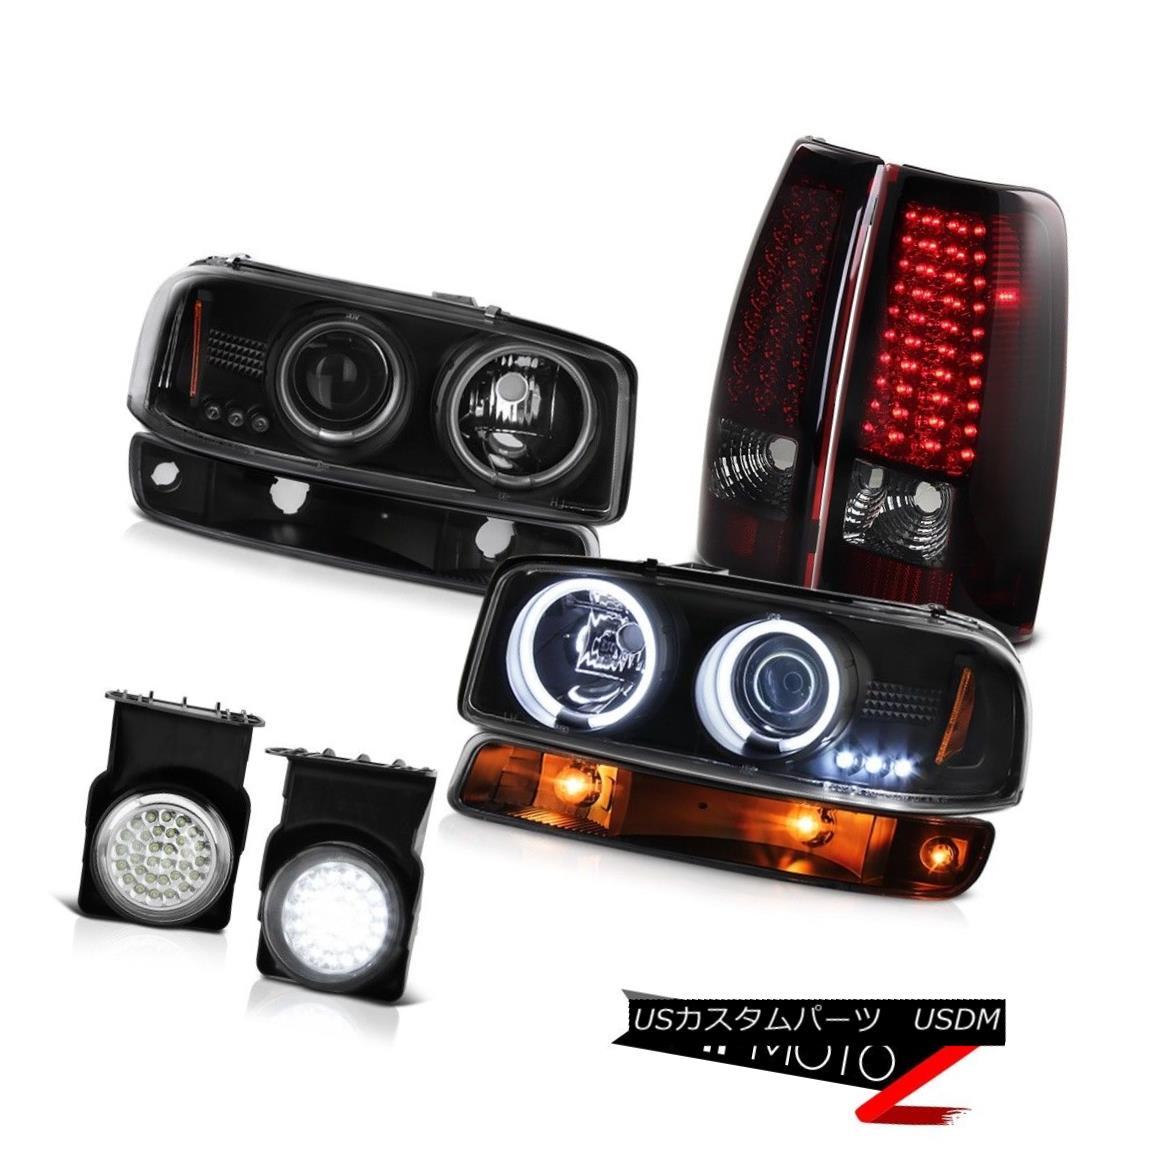 テールライト 03-06 Sierra WT Euro clear fog lamps smd taillights bumper light ccfl headlights 03-06シエラWTユーロクリアフォグランプsmdテールライトバンパーライトccflヘッドライト